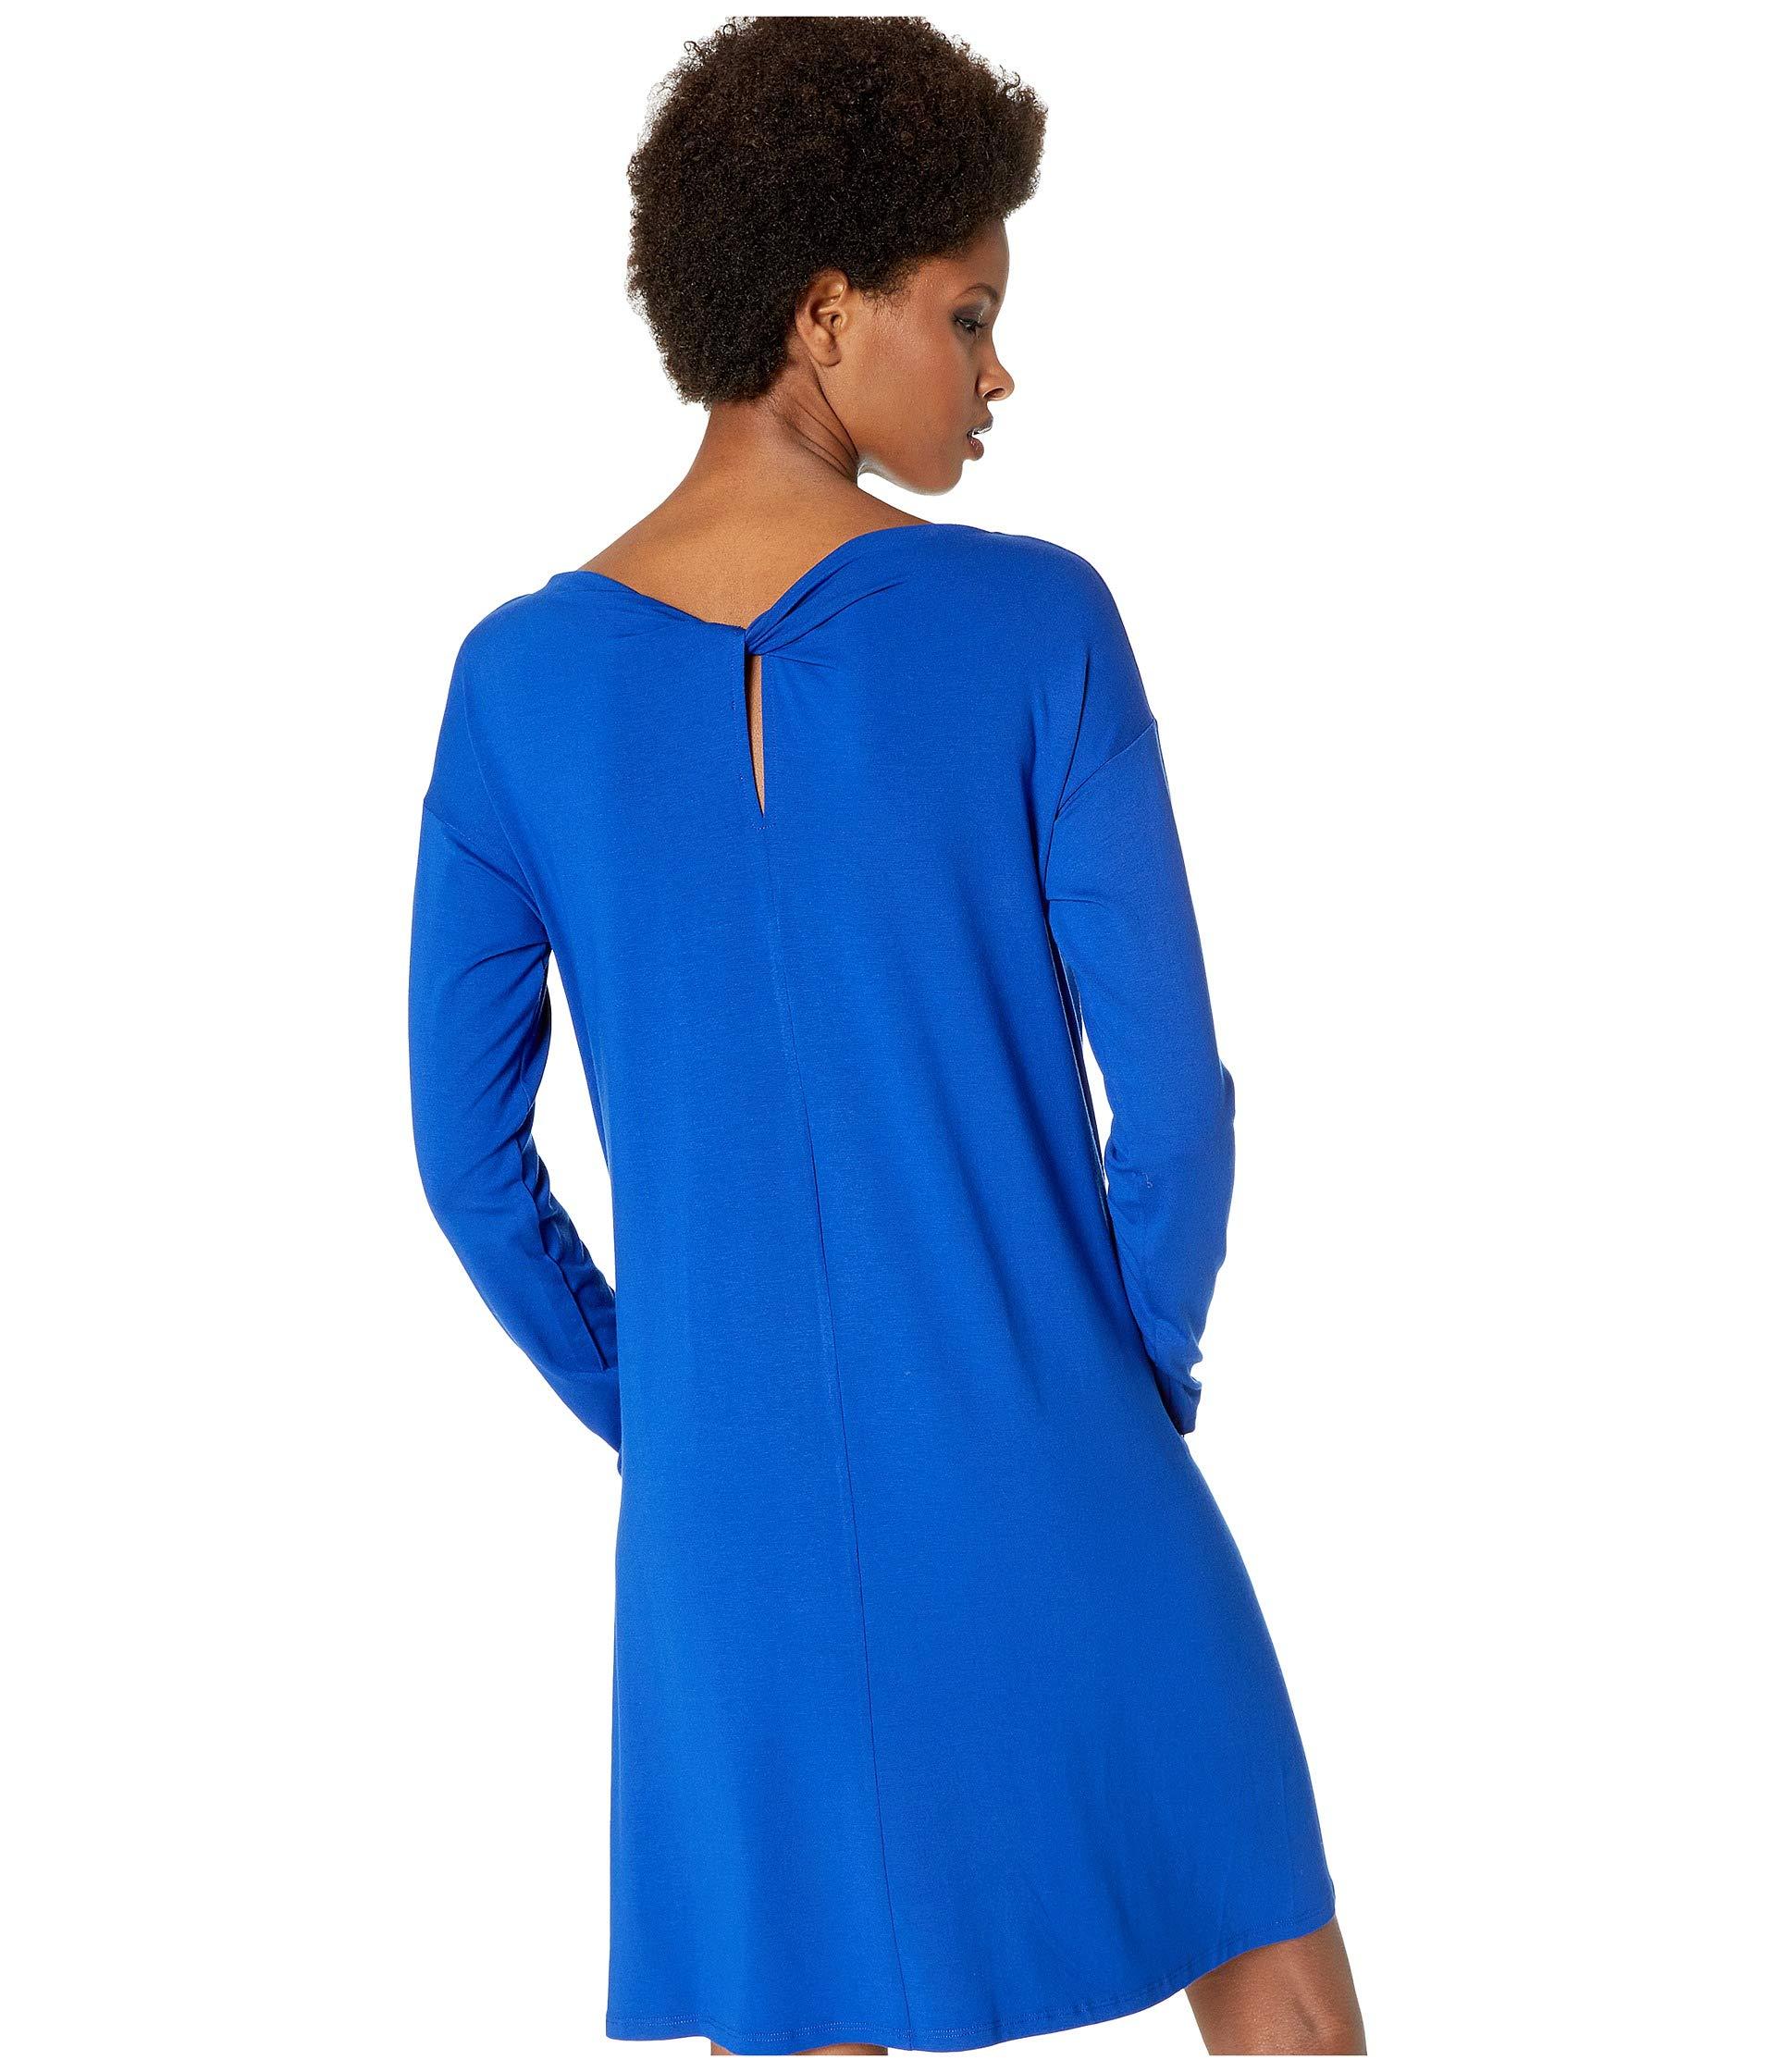 Dress Bateau Royal K Neck l Fisher Eileen qXYAxwEn5w